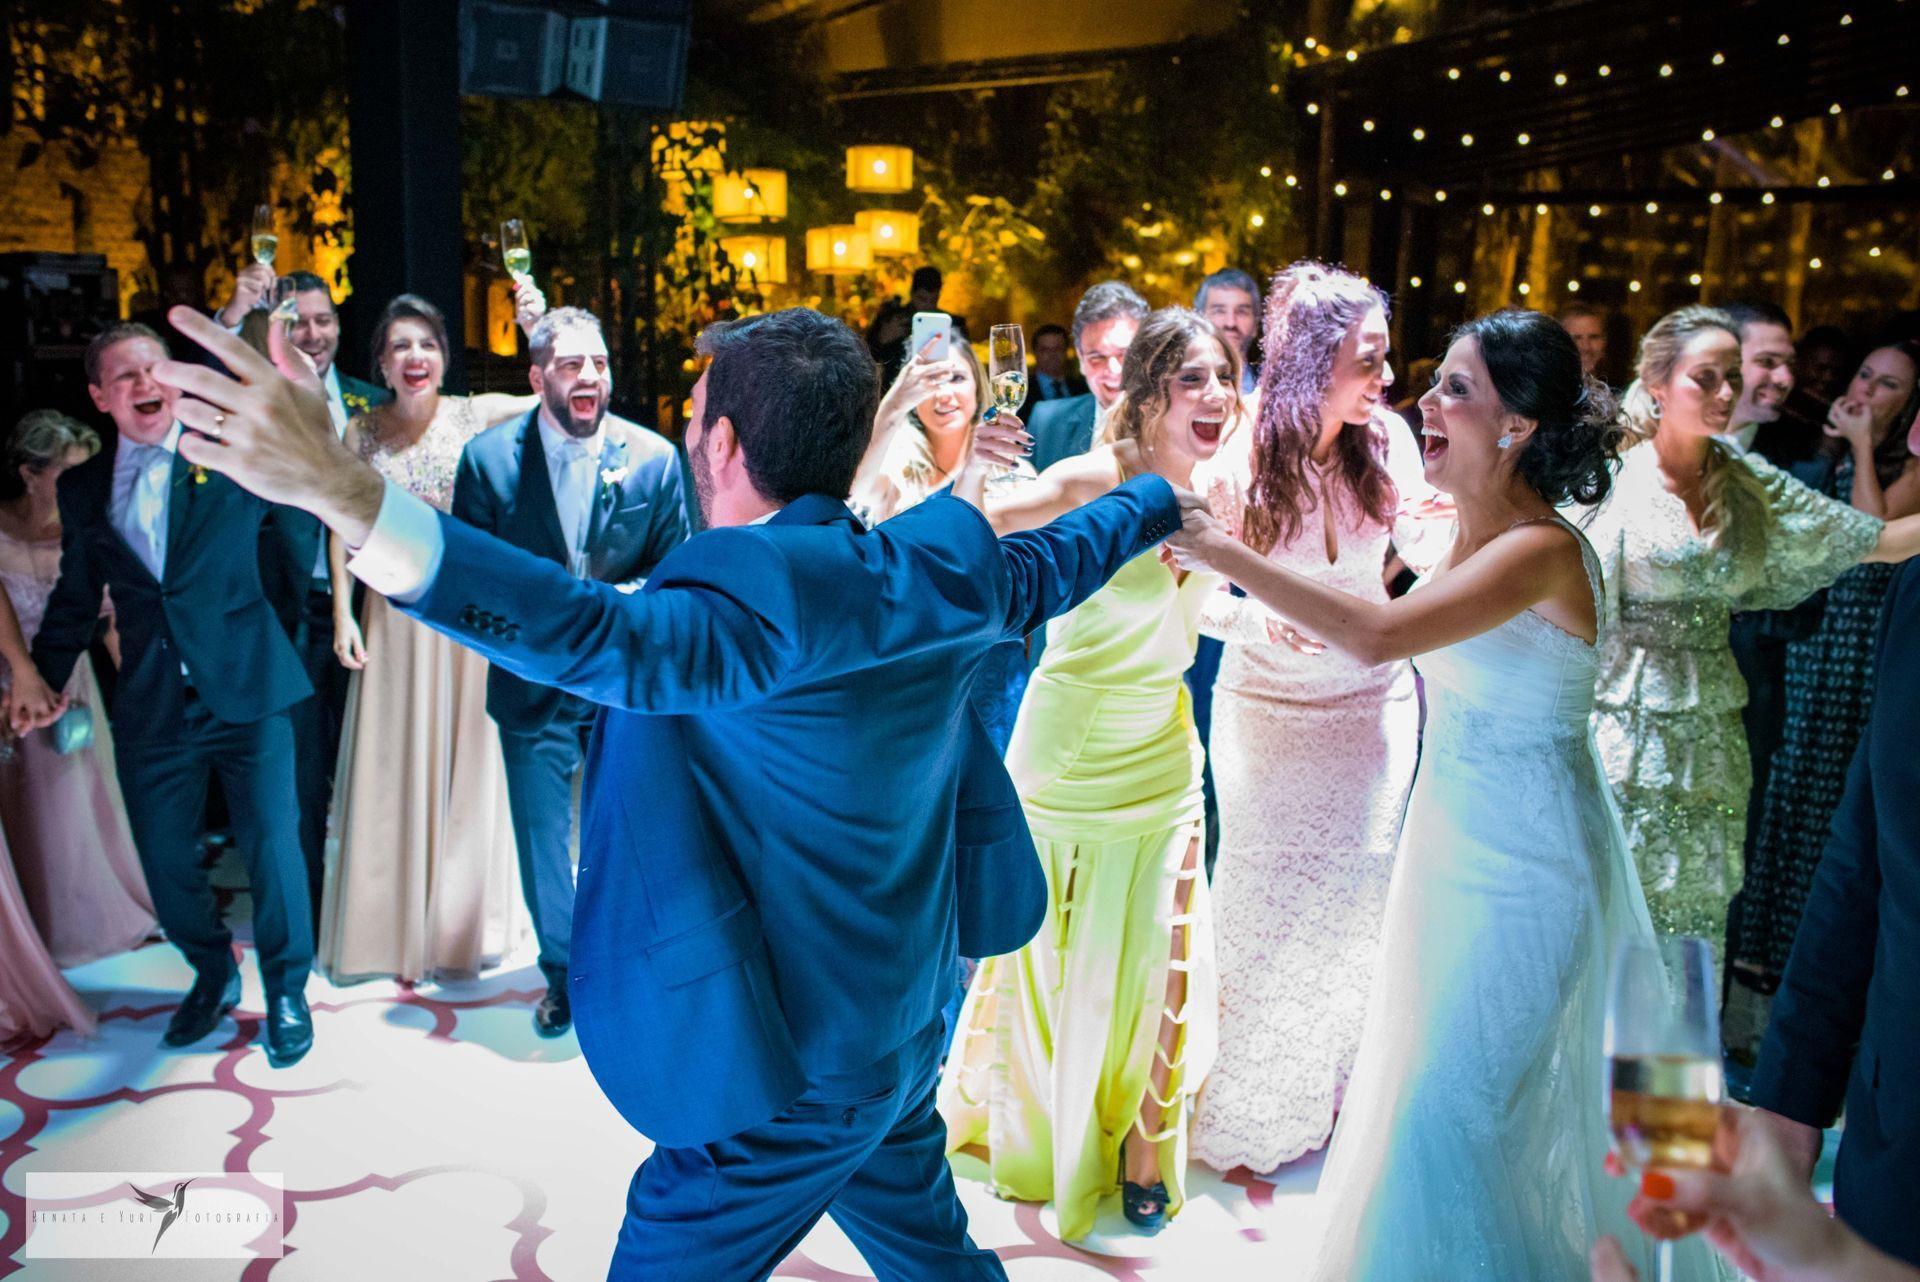 Casal e convidados dançando em pista de dança.